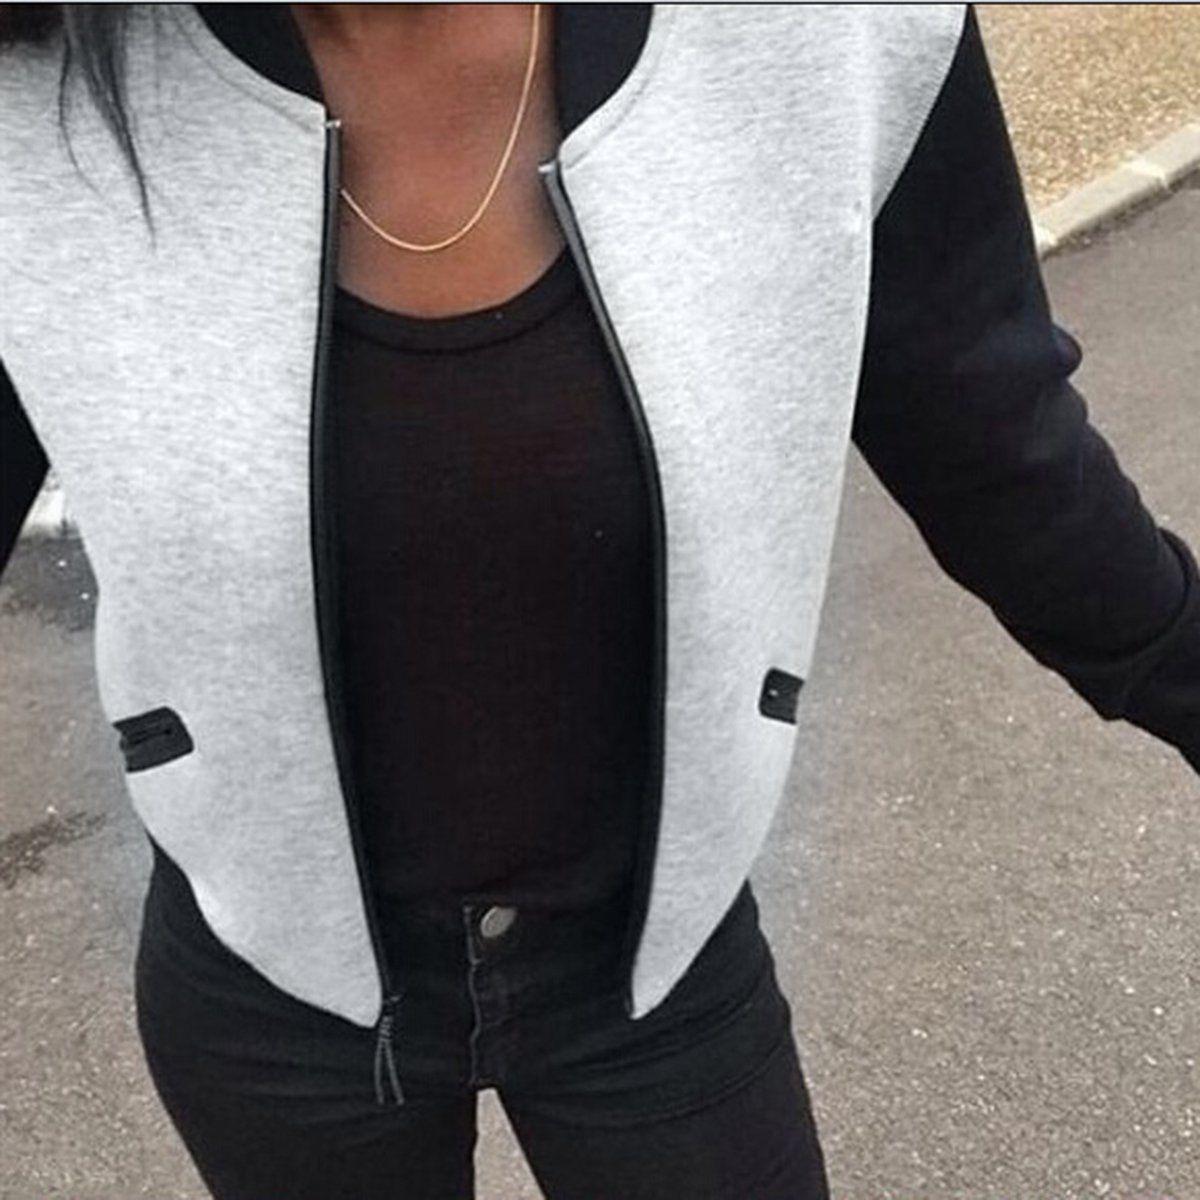 2018 חמה למכירה אופנה נשים Vintage Jacket מחבל Puseky Zip עד Biker אופנתי רוכסן מרופד מעיל עליון חולצה סתיו חורף מעילי